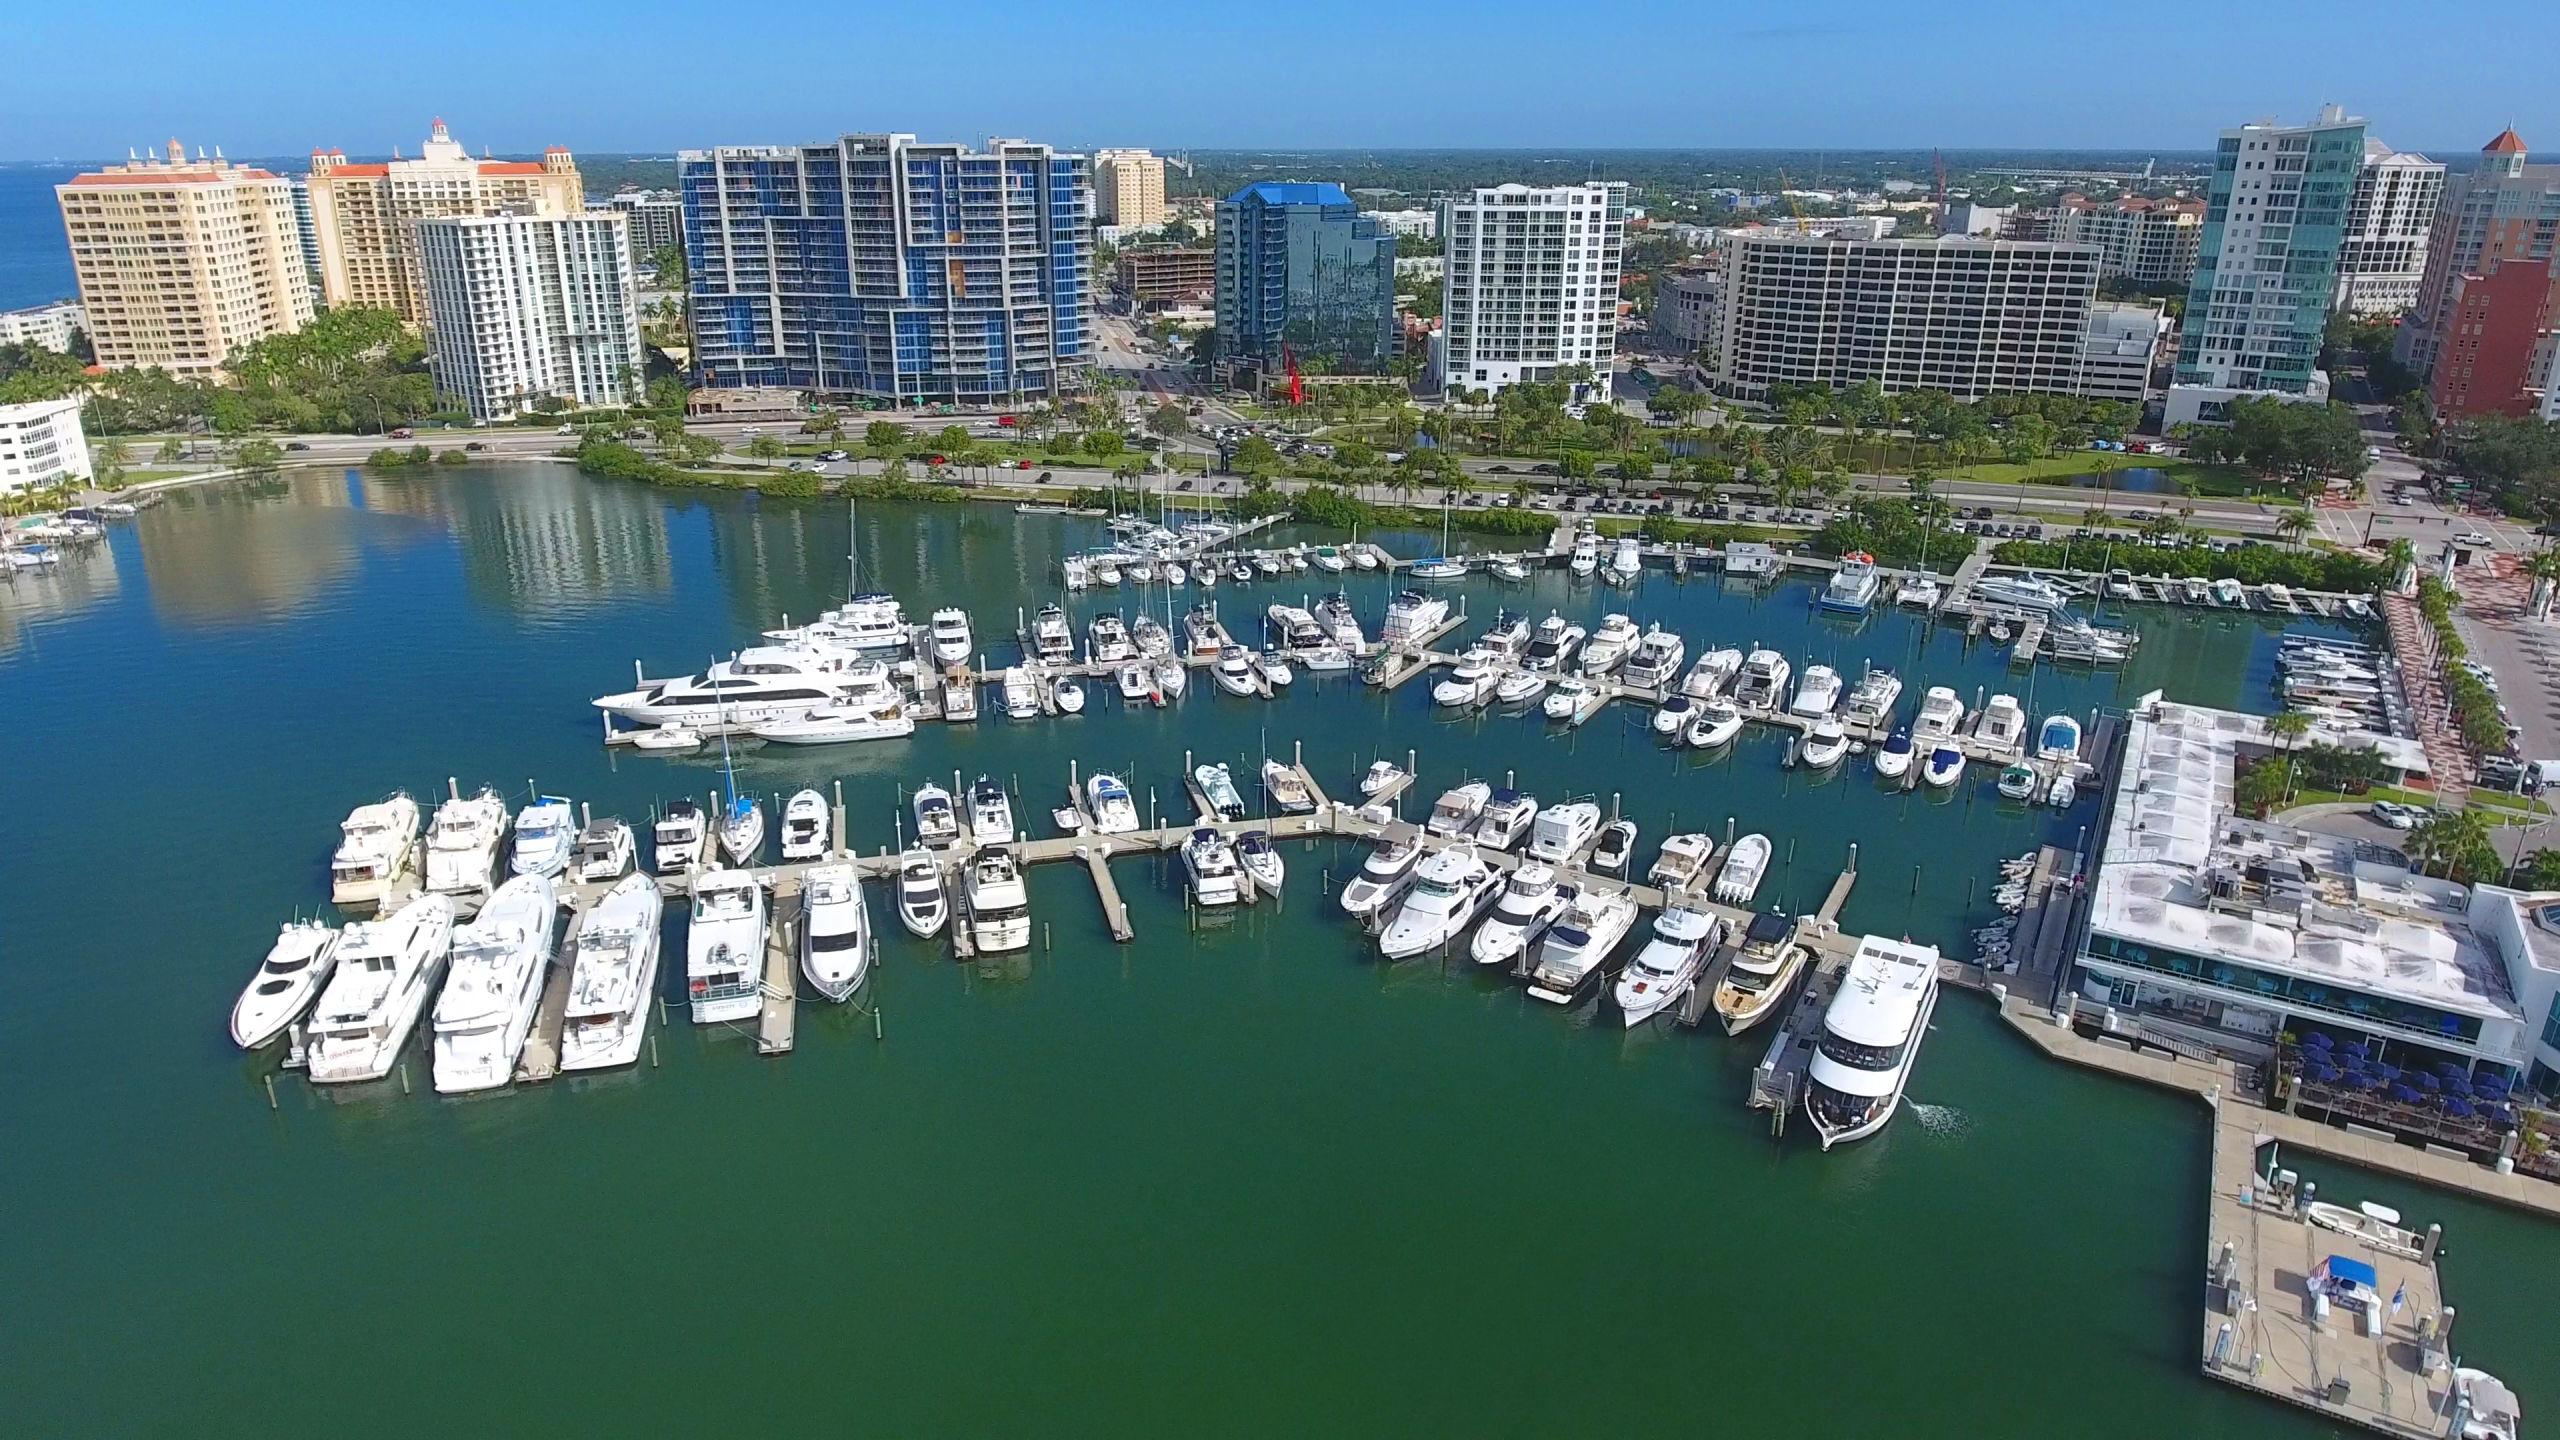 Downtown Sarasota and Marina